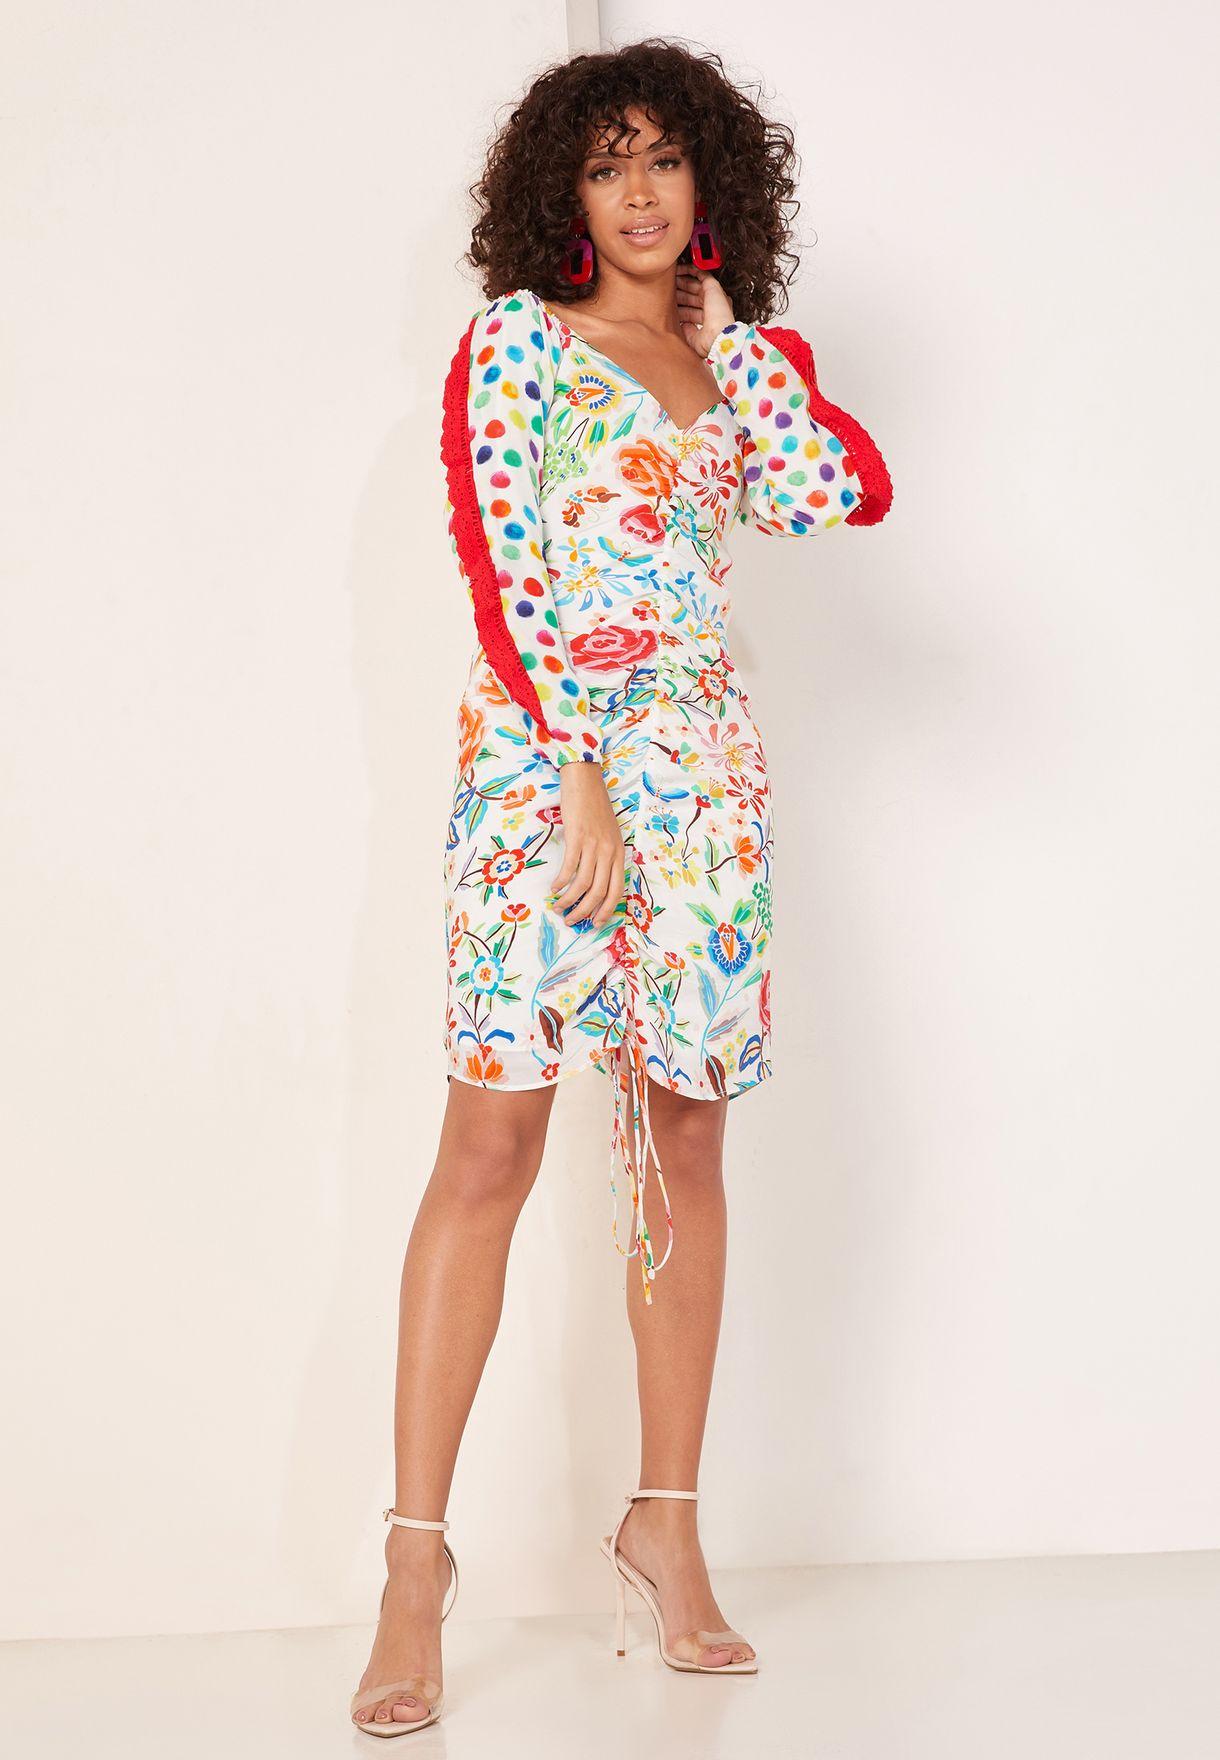 فستان بطبعات مع كشكش على الاكمام